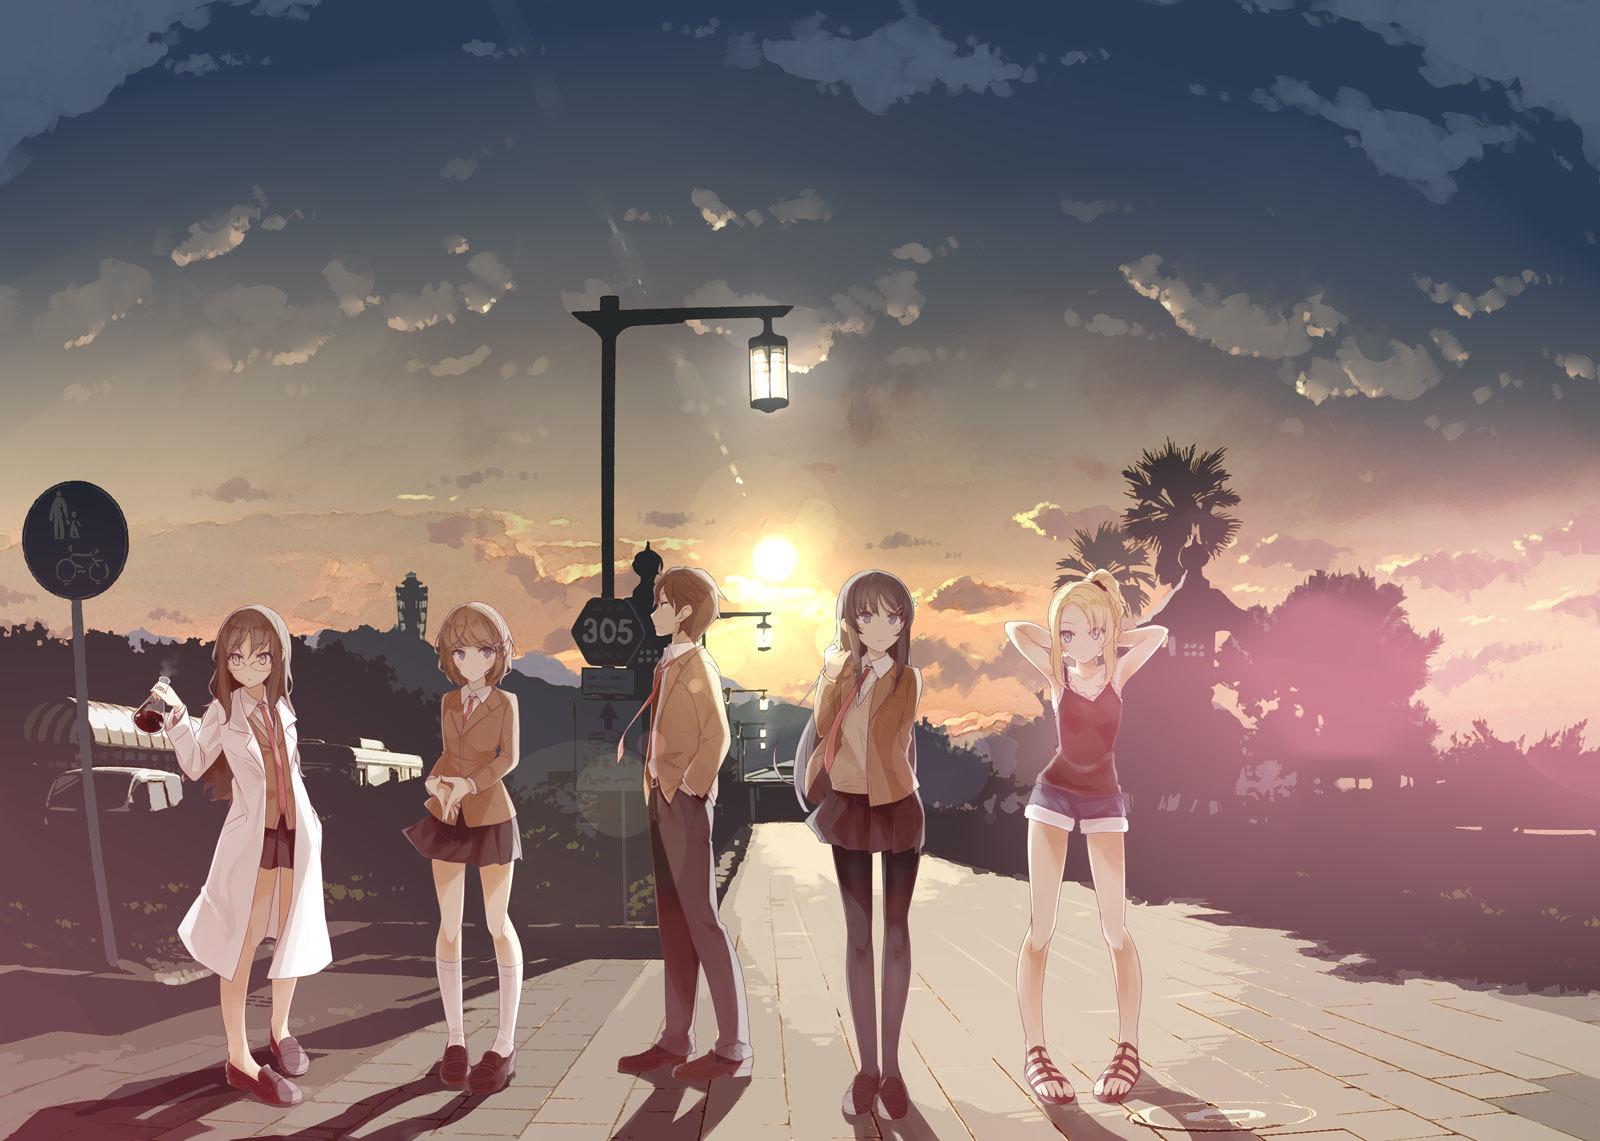 溝口ケージ描き下ろし追加キャラクタービジュアル (C)2018 鴨志田 一/KADOKAWA アスキー・メディアワークス/青ブタ Project